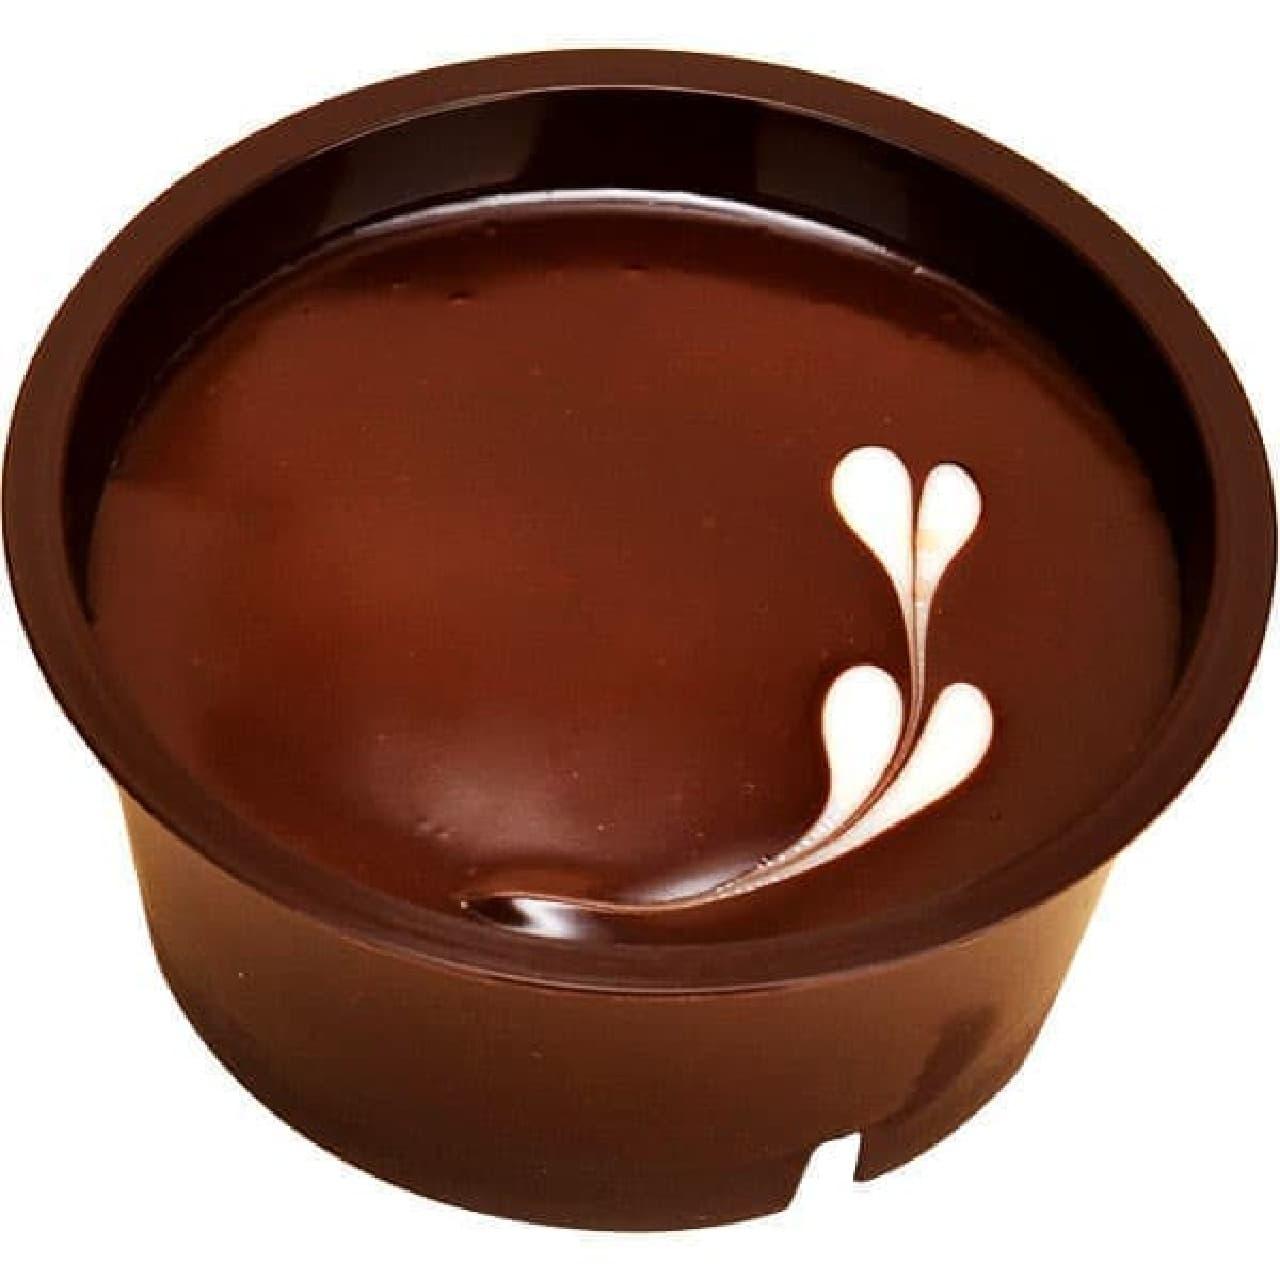 ファミマ ラム香るチョコケーキ